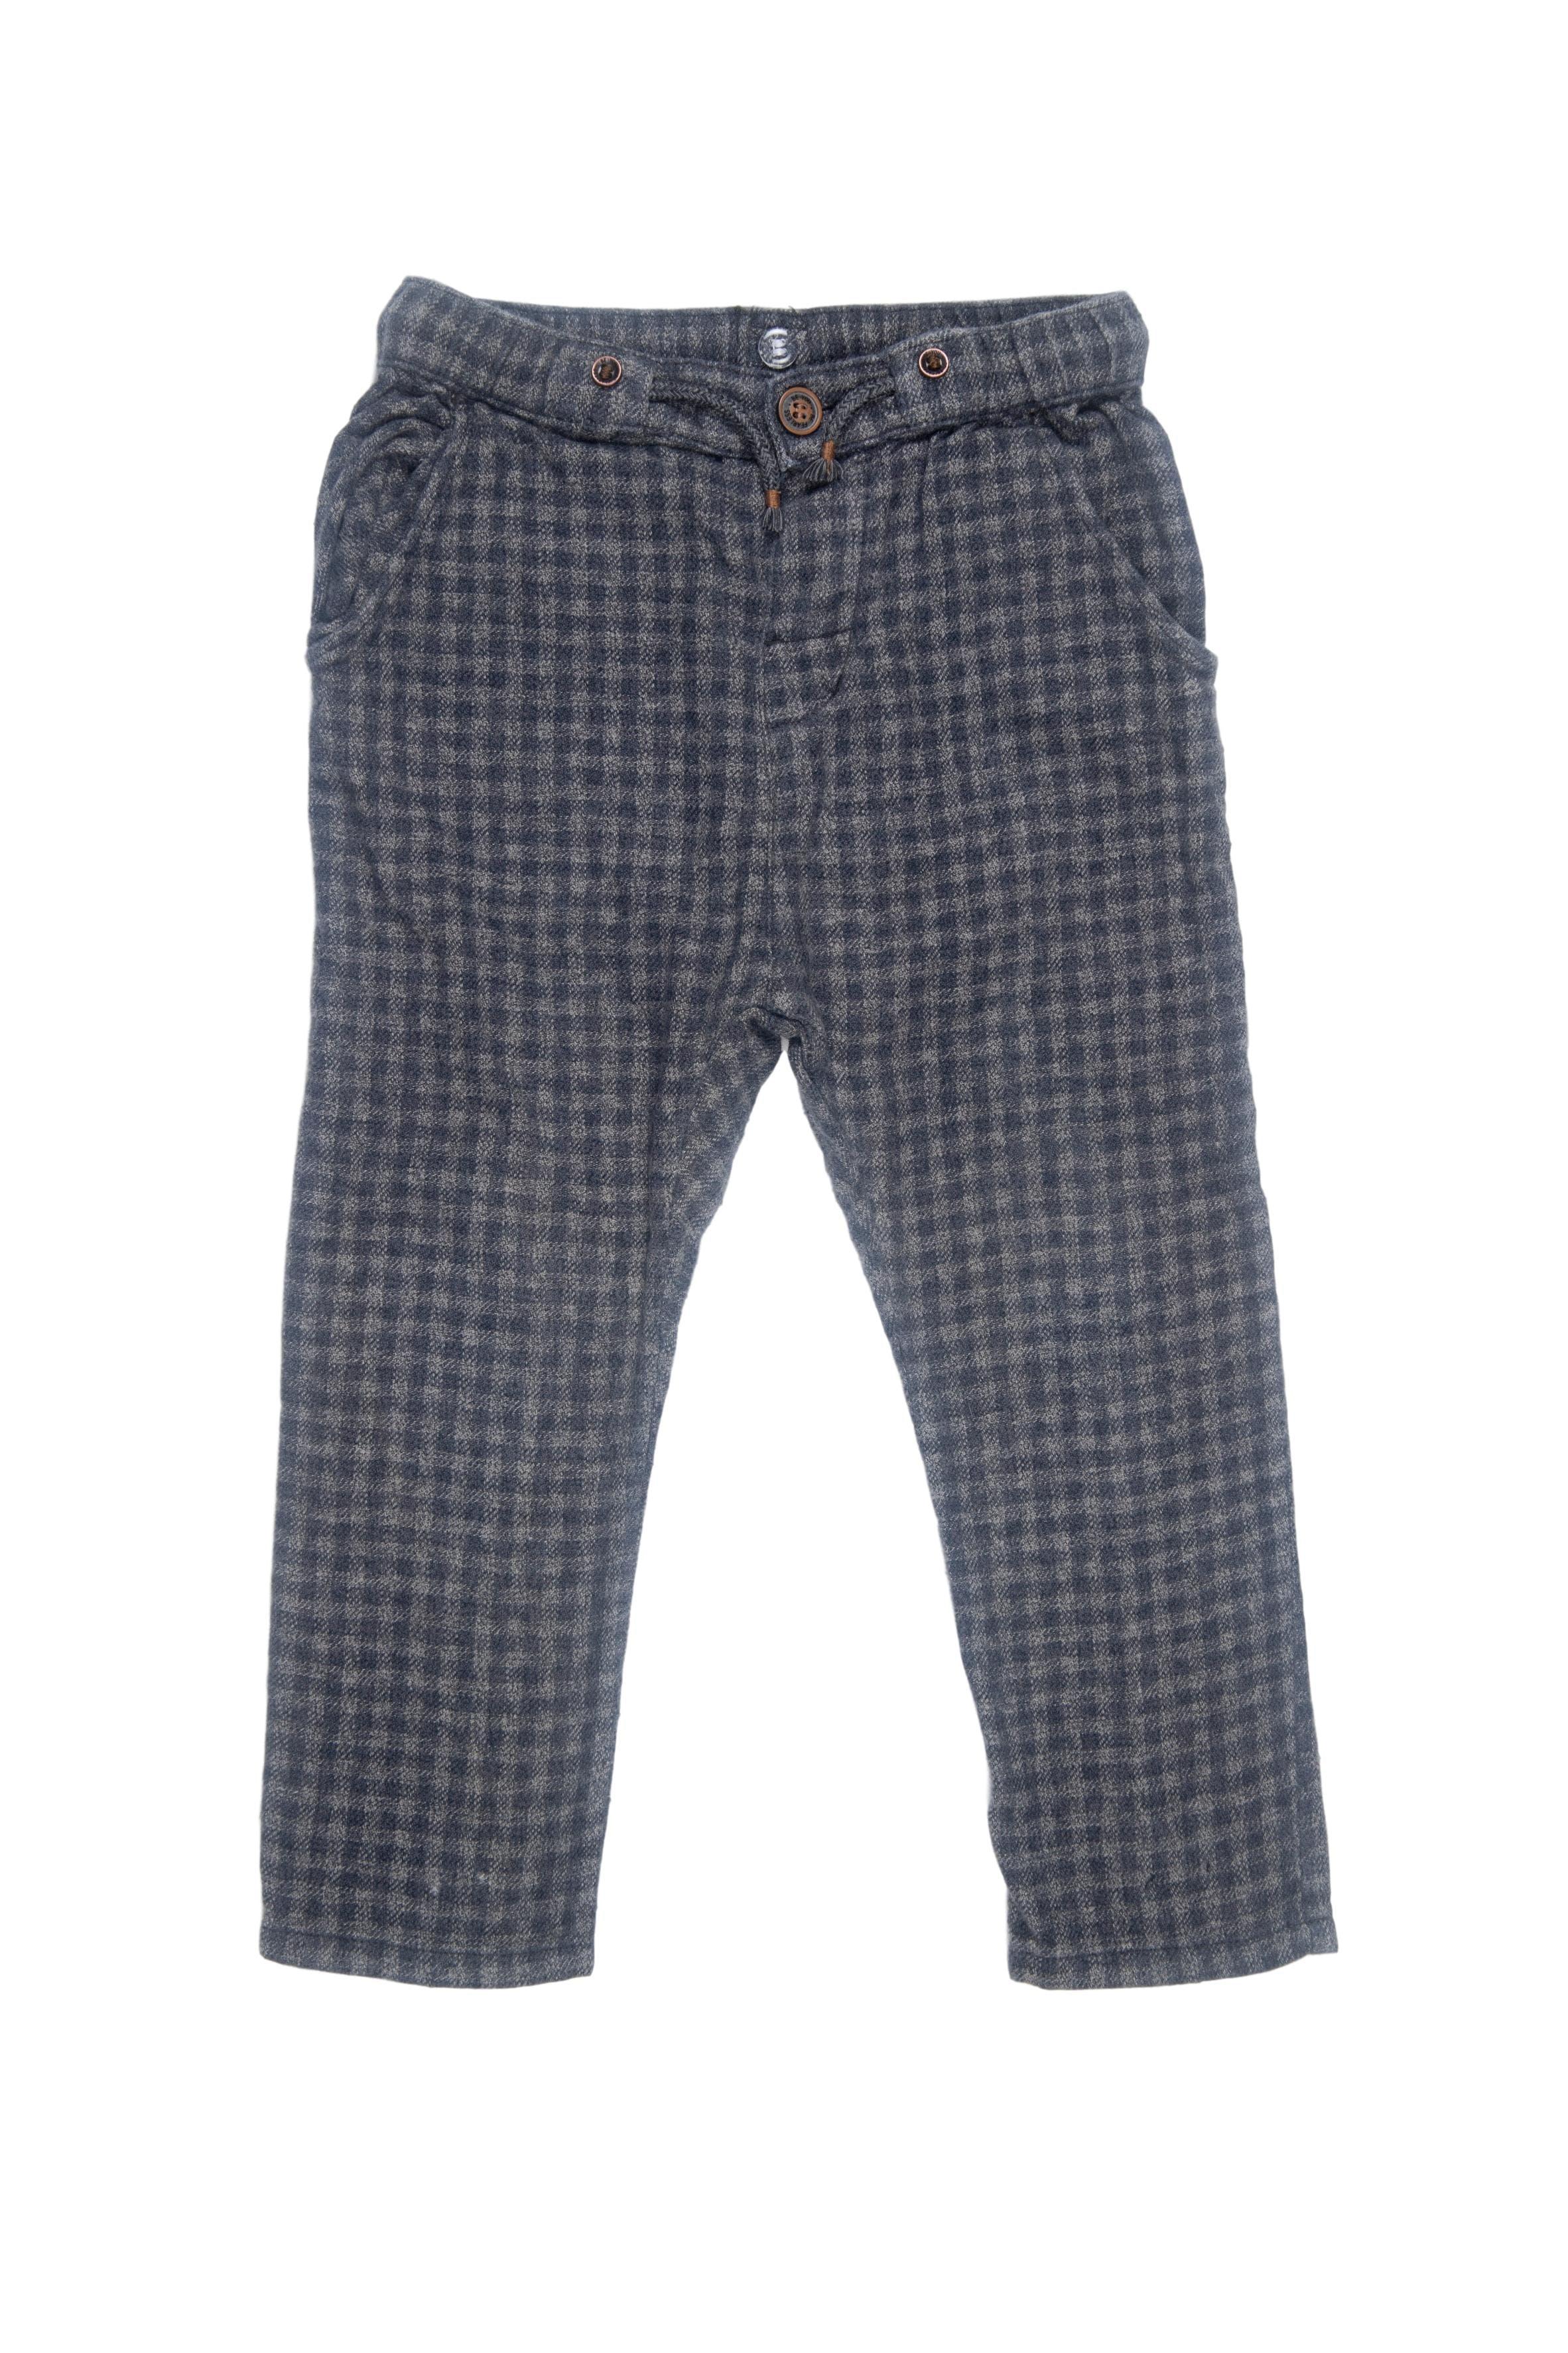 Pantalón gris a cuadros pitillo, franela 100% algodón - Hm